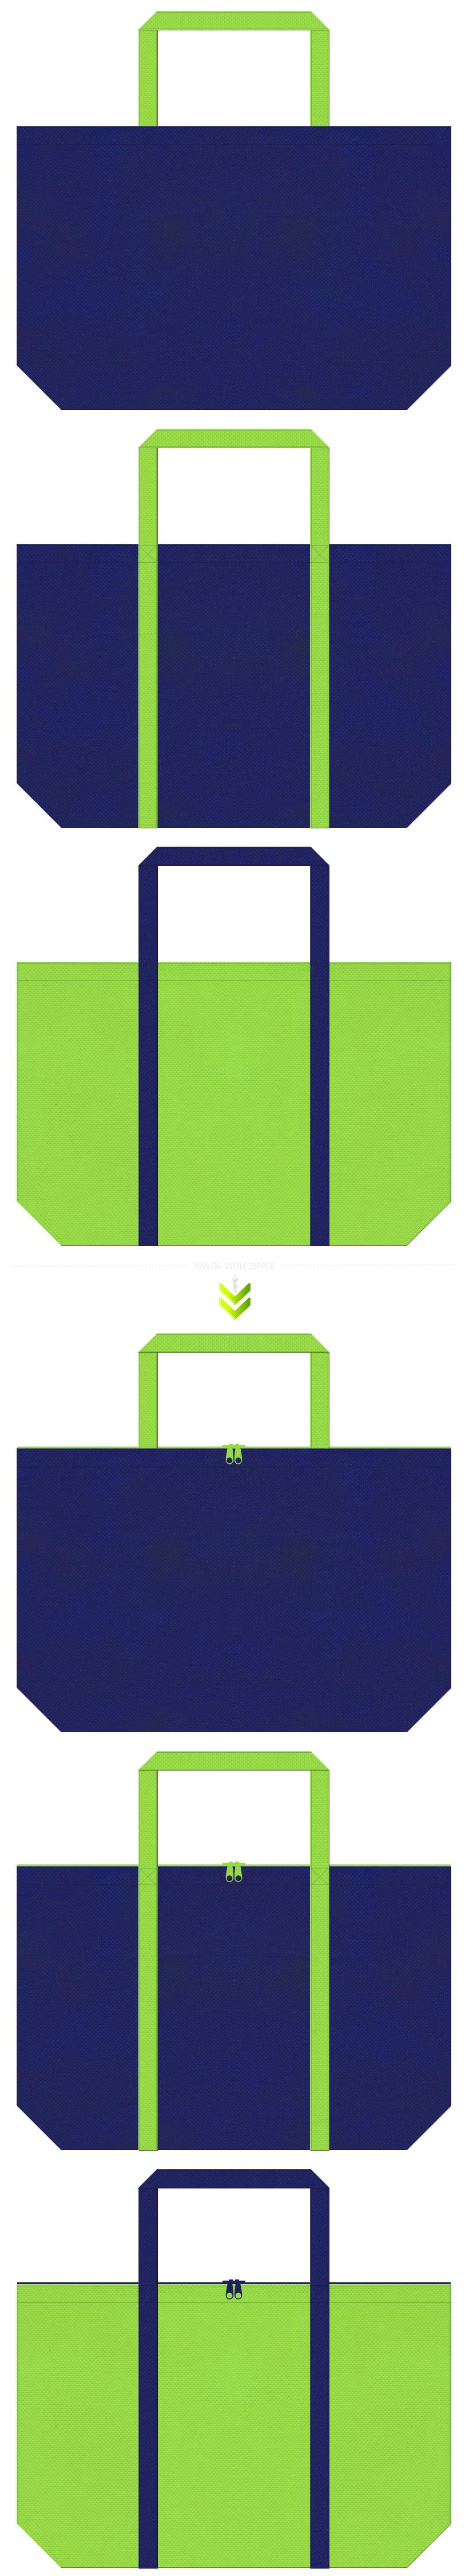 釣具・ダイビング・サイクリング・ロードレース・ユニフォーム・運動靴・アウトドア・スポーツイベント・スポーティーファッション・スポーツ用品のショッピングバッグ・ランドリーバッグにお奨めの不織布バッグデザイン:明るい紺色と黄緑色のコーデ